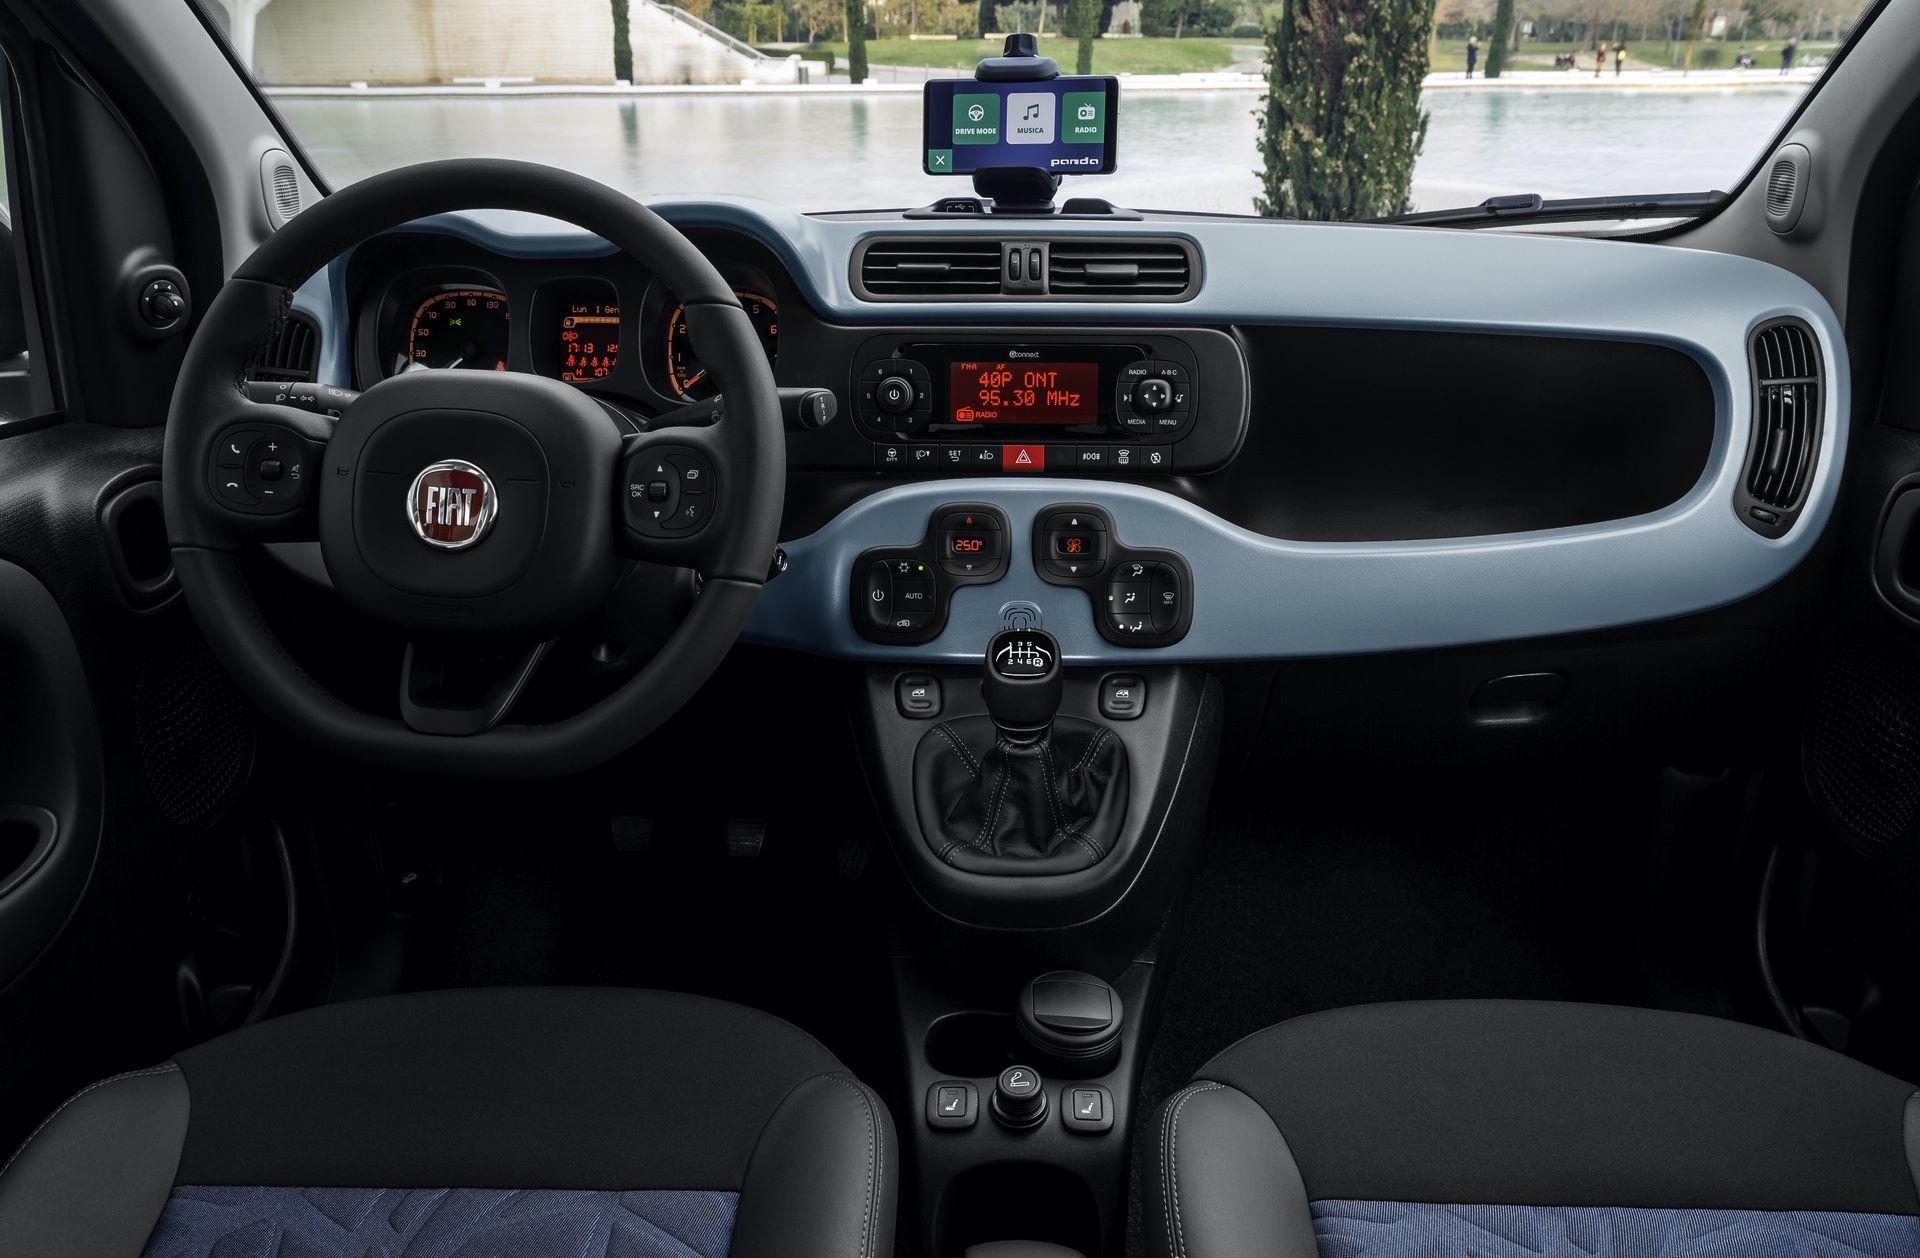 Fiat_Panda-Hybrid_01-17